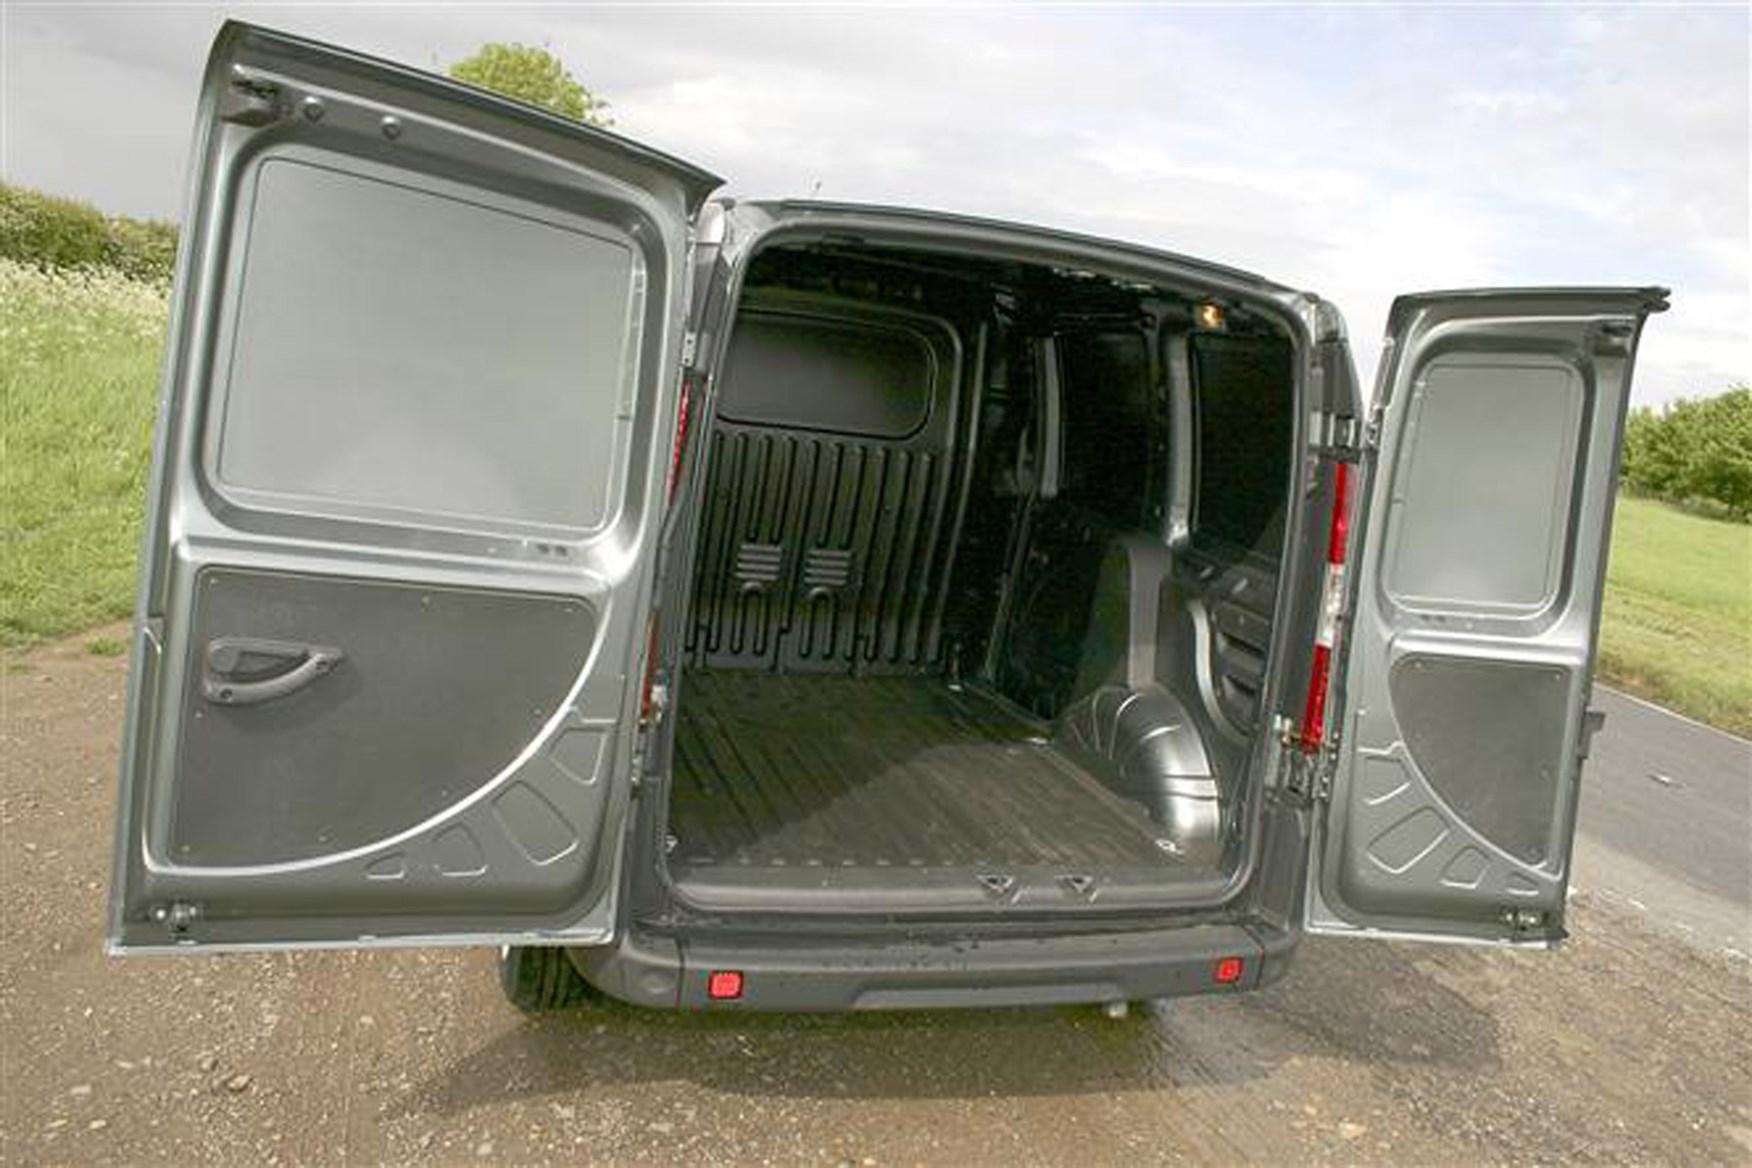 Fiat Doblo Cargo Van Dimensions 2001 2010 Capacity Payload